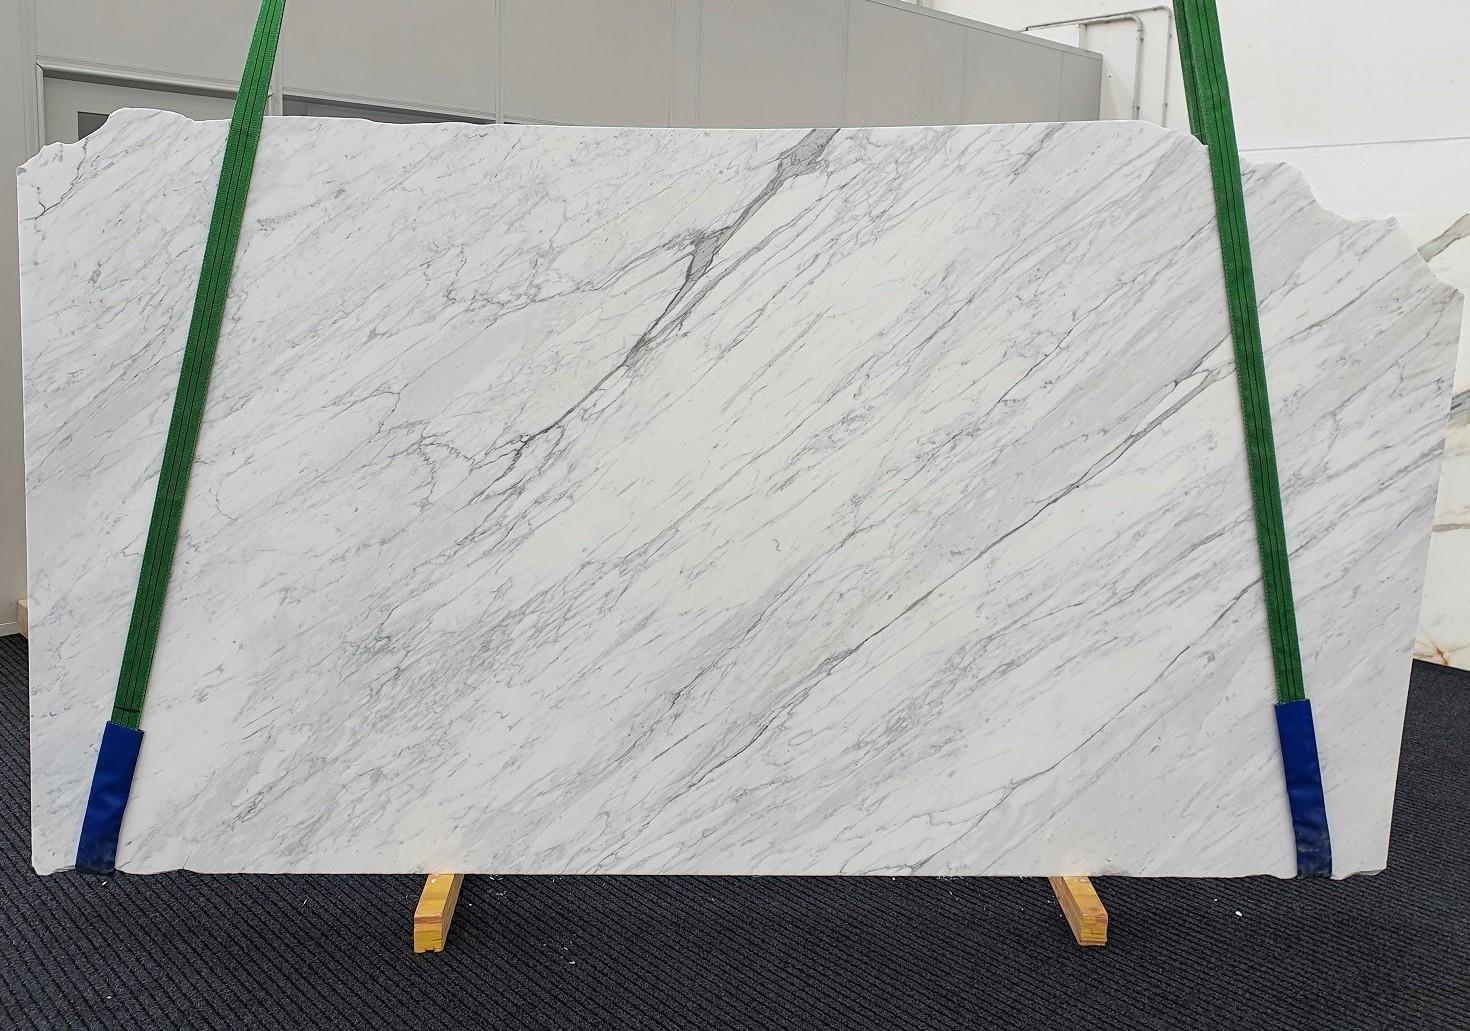 CALACATTA CARRARA geschliffene Unmaßplatten 1313 aus Natur Marmor , Slab #01: Lieferung Veneto, Italien